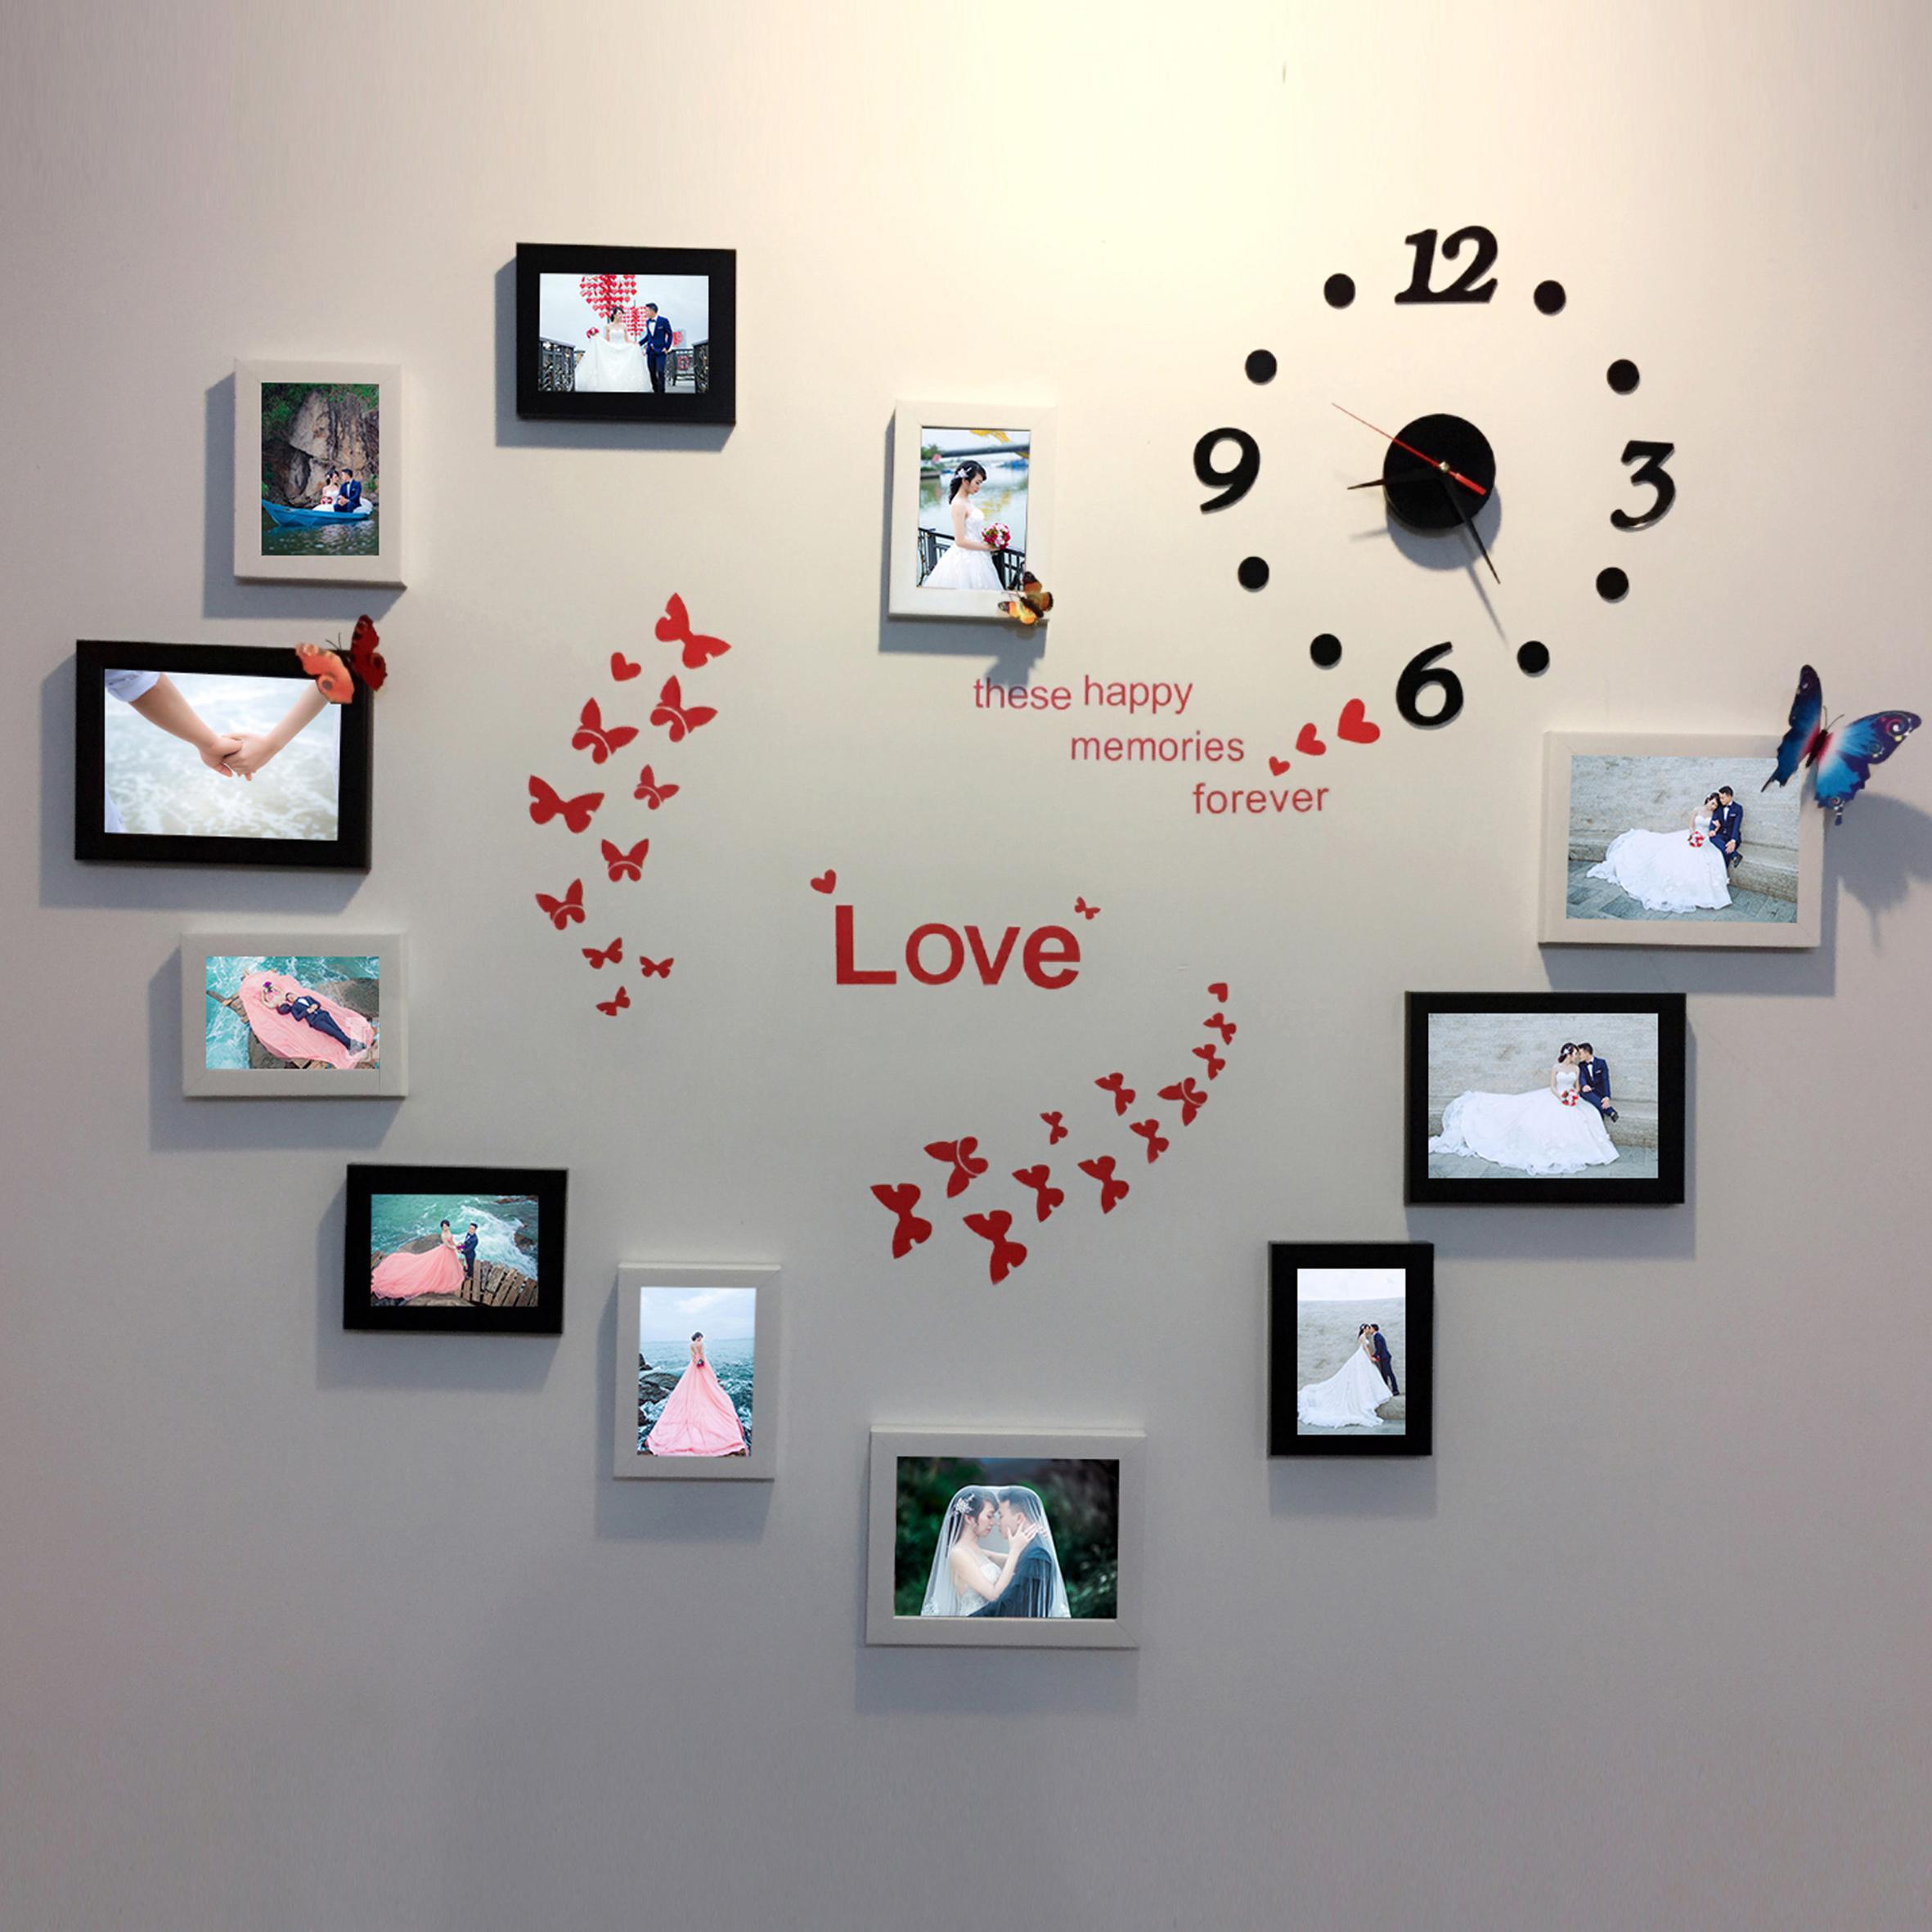 Khung ảnh treo tường trang trí phòng cưới gồm 11 khung kèm đồng hồ và decal